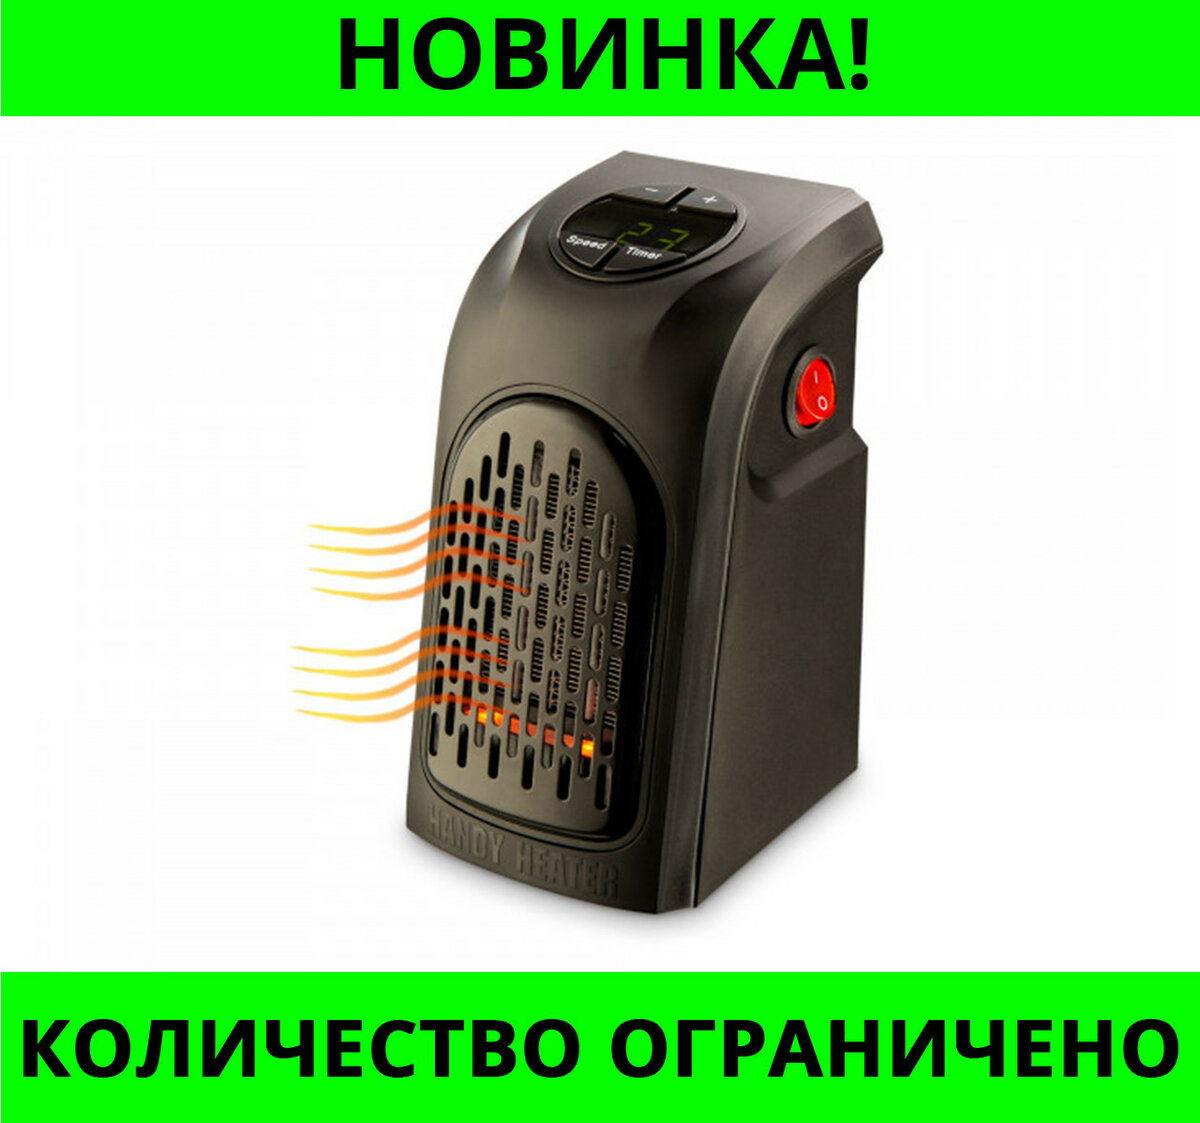 Компактный и мощный обогреватель Handy Heater в Муроме